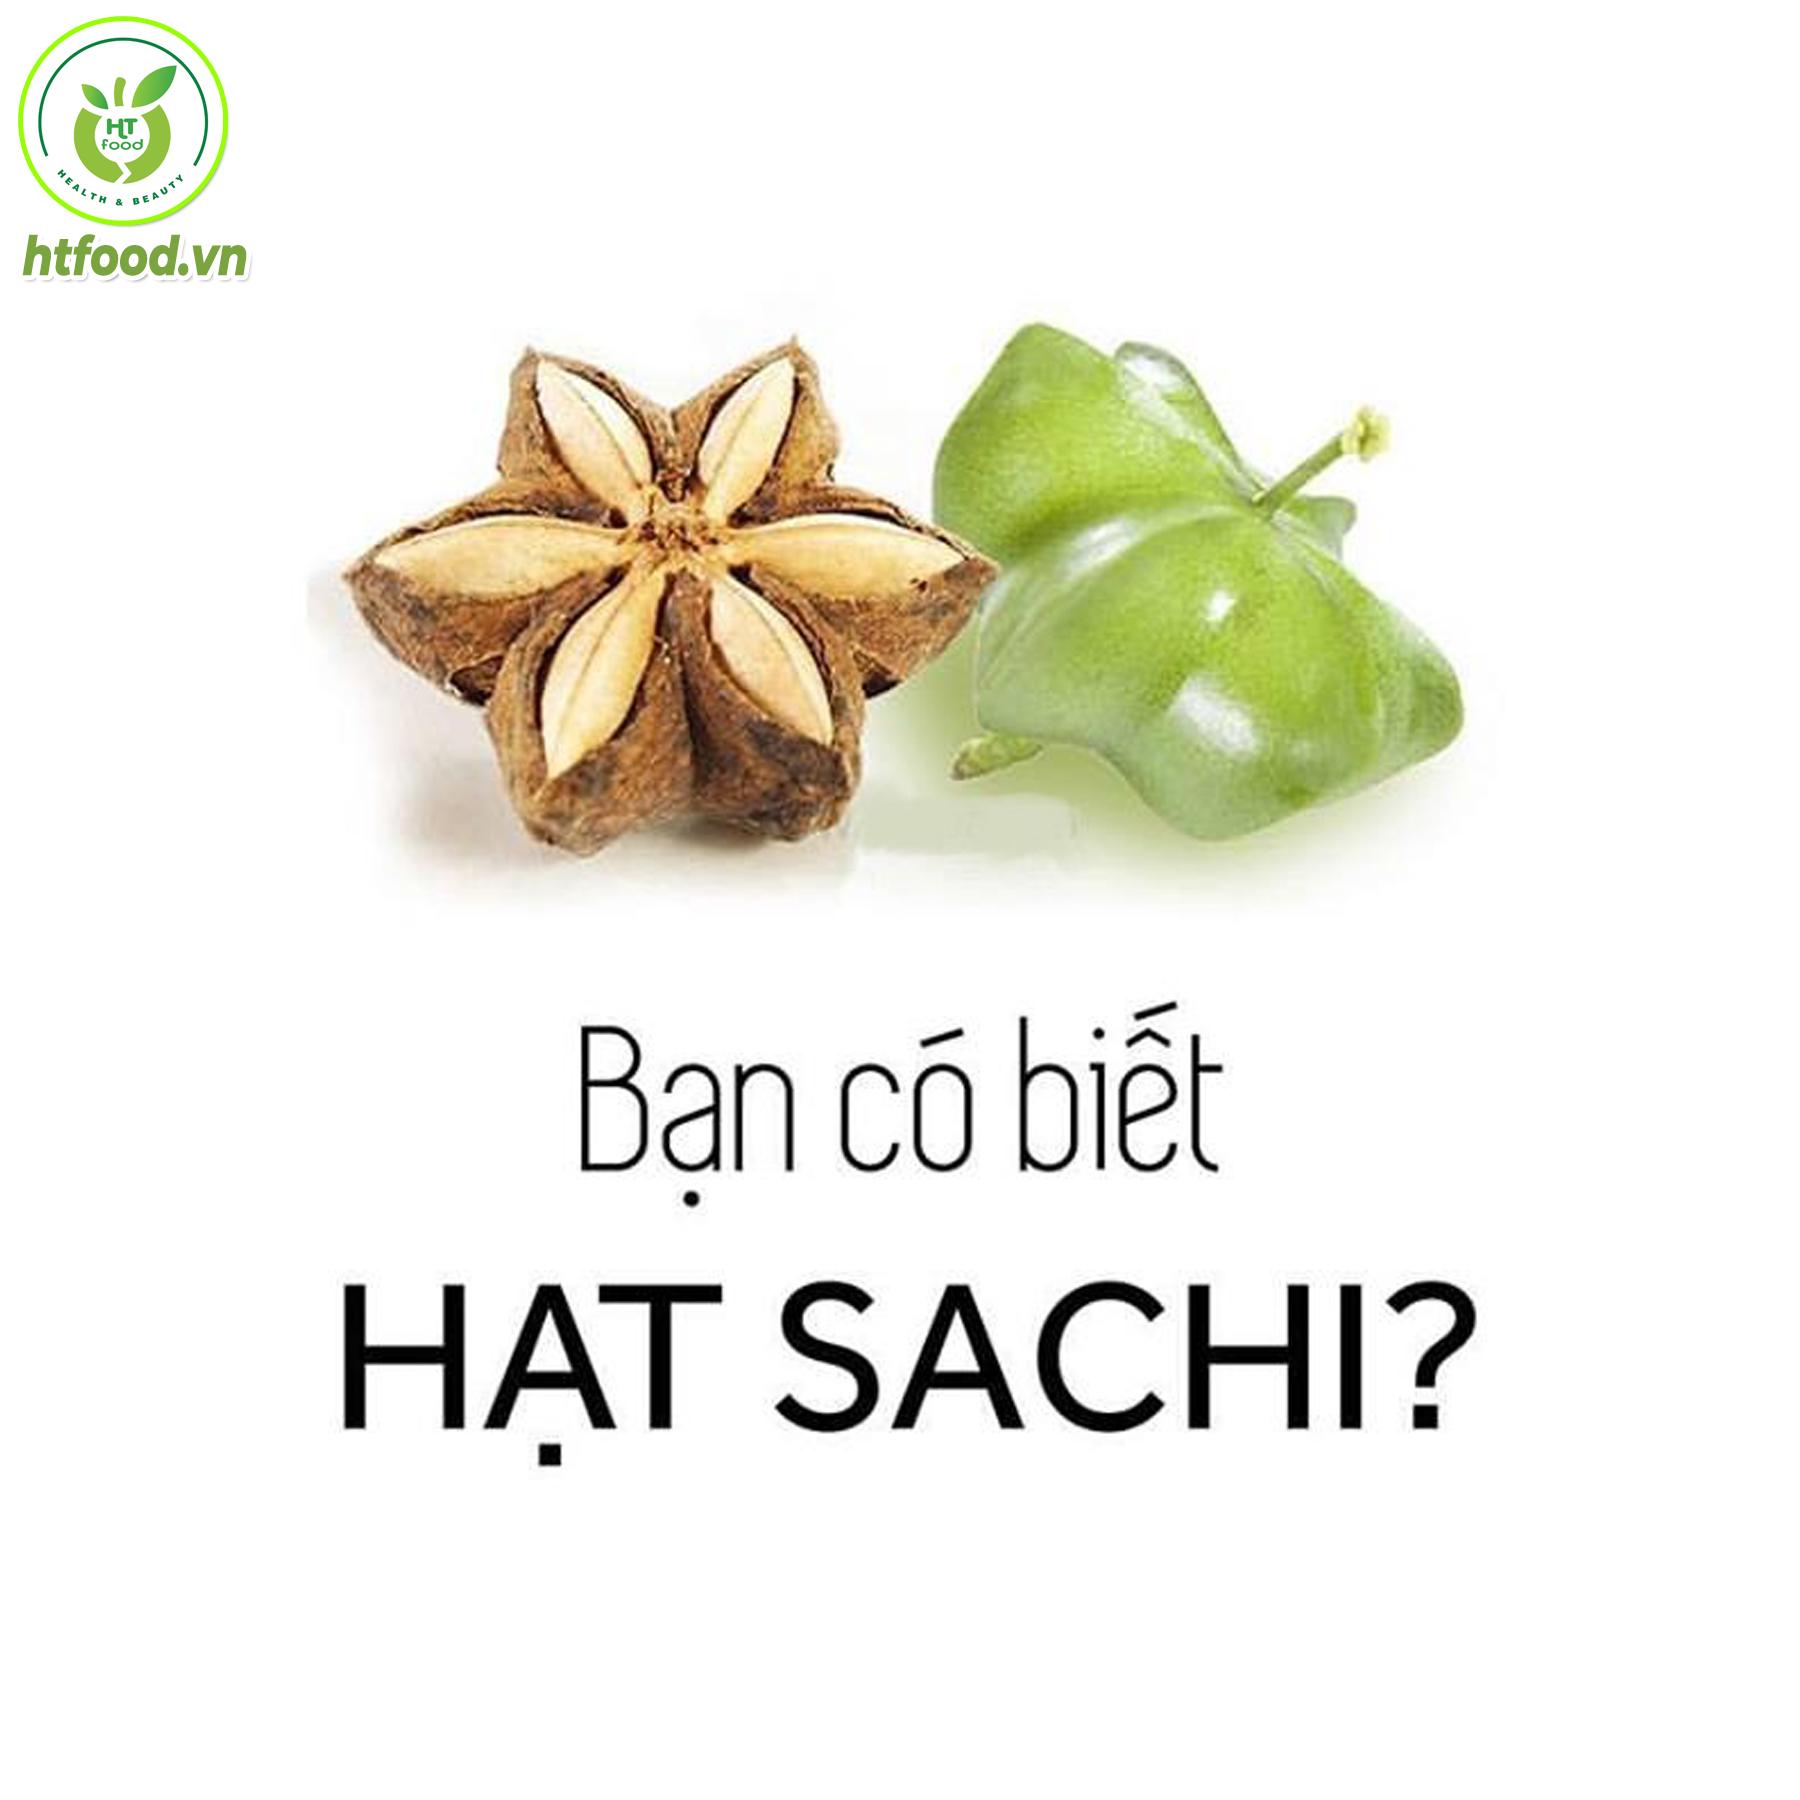 Bạn có biết hạt sachi?